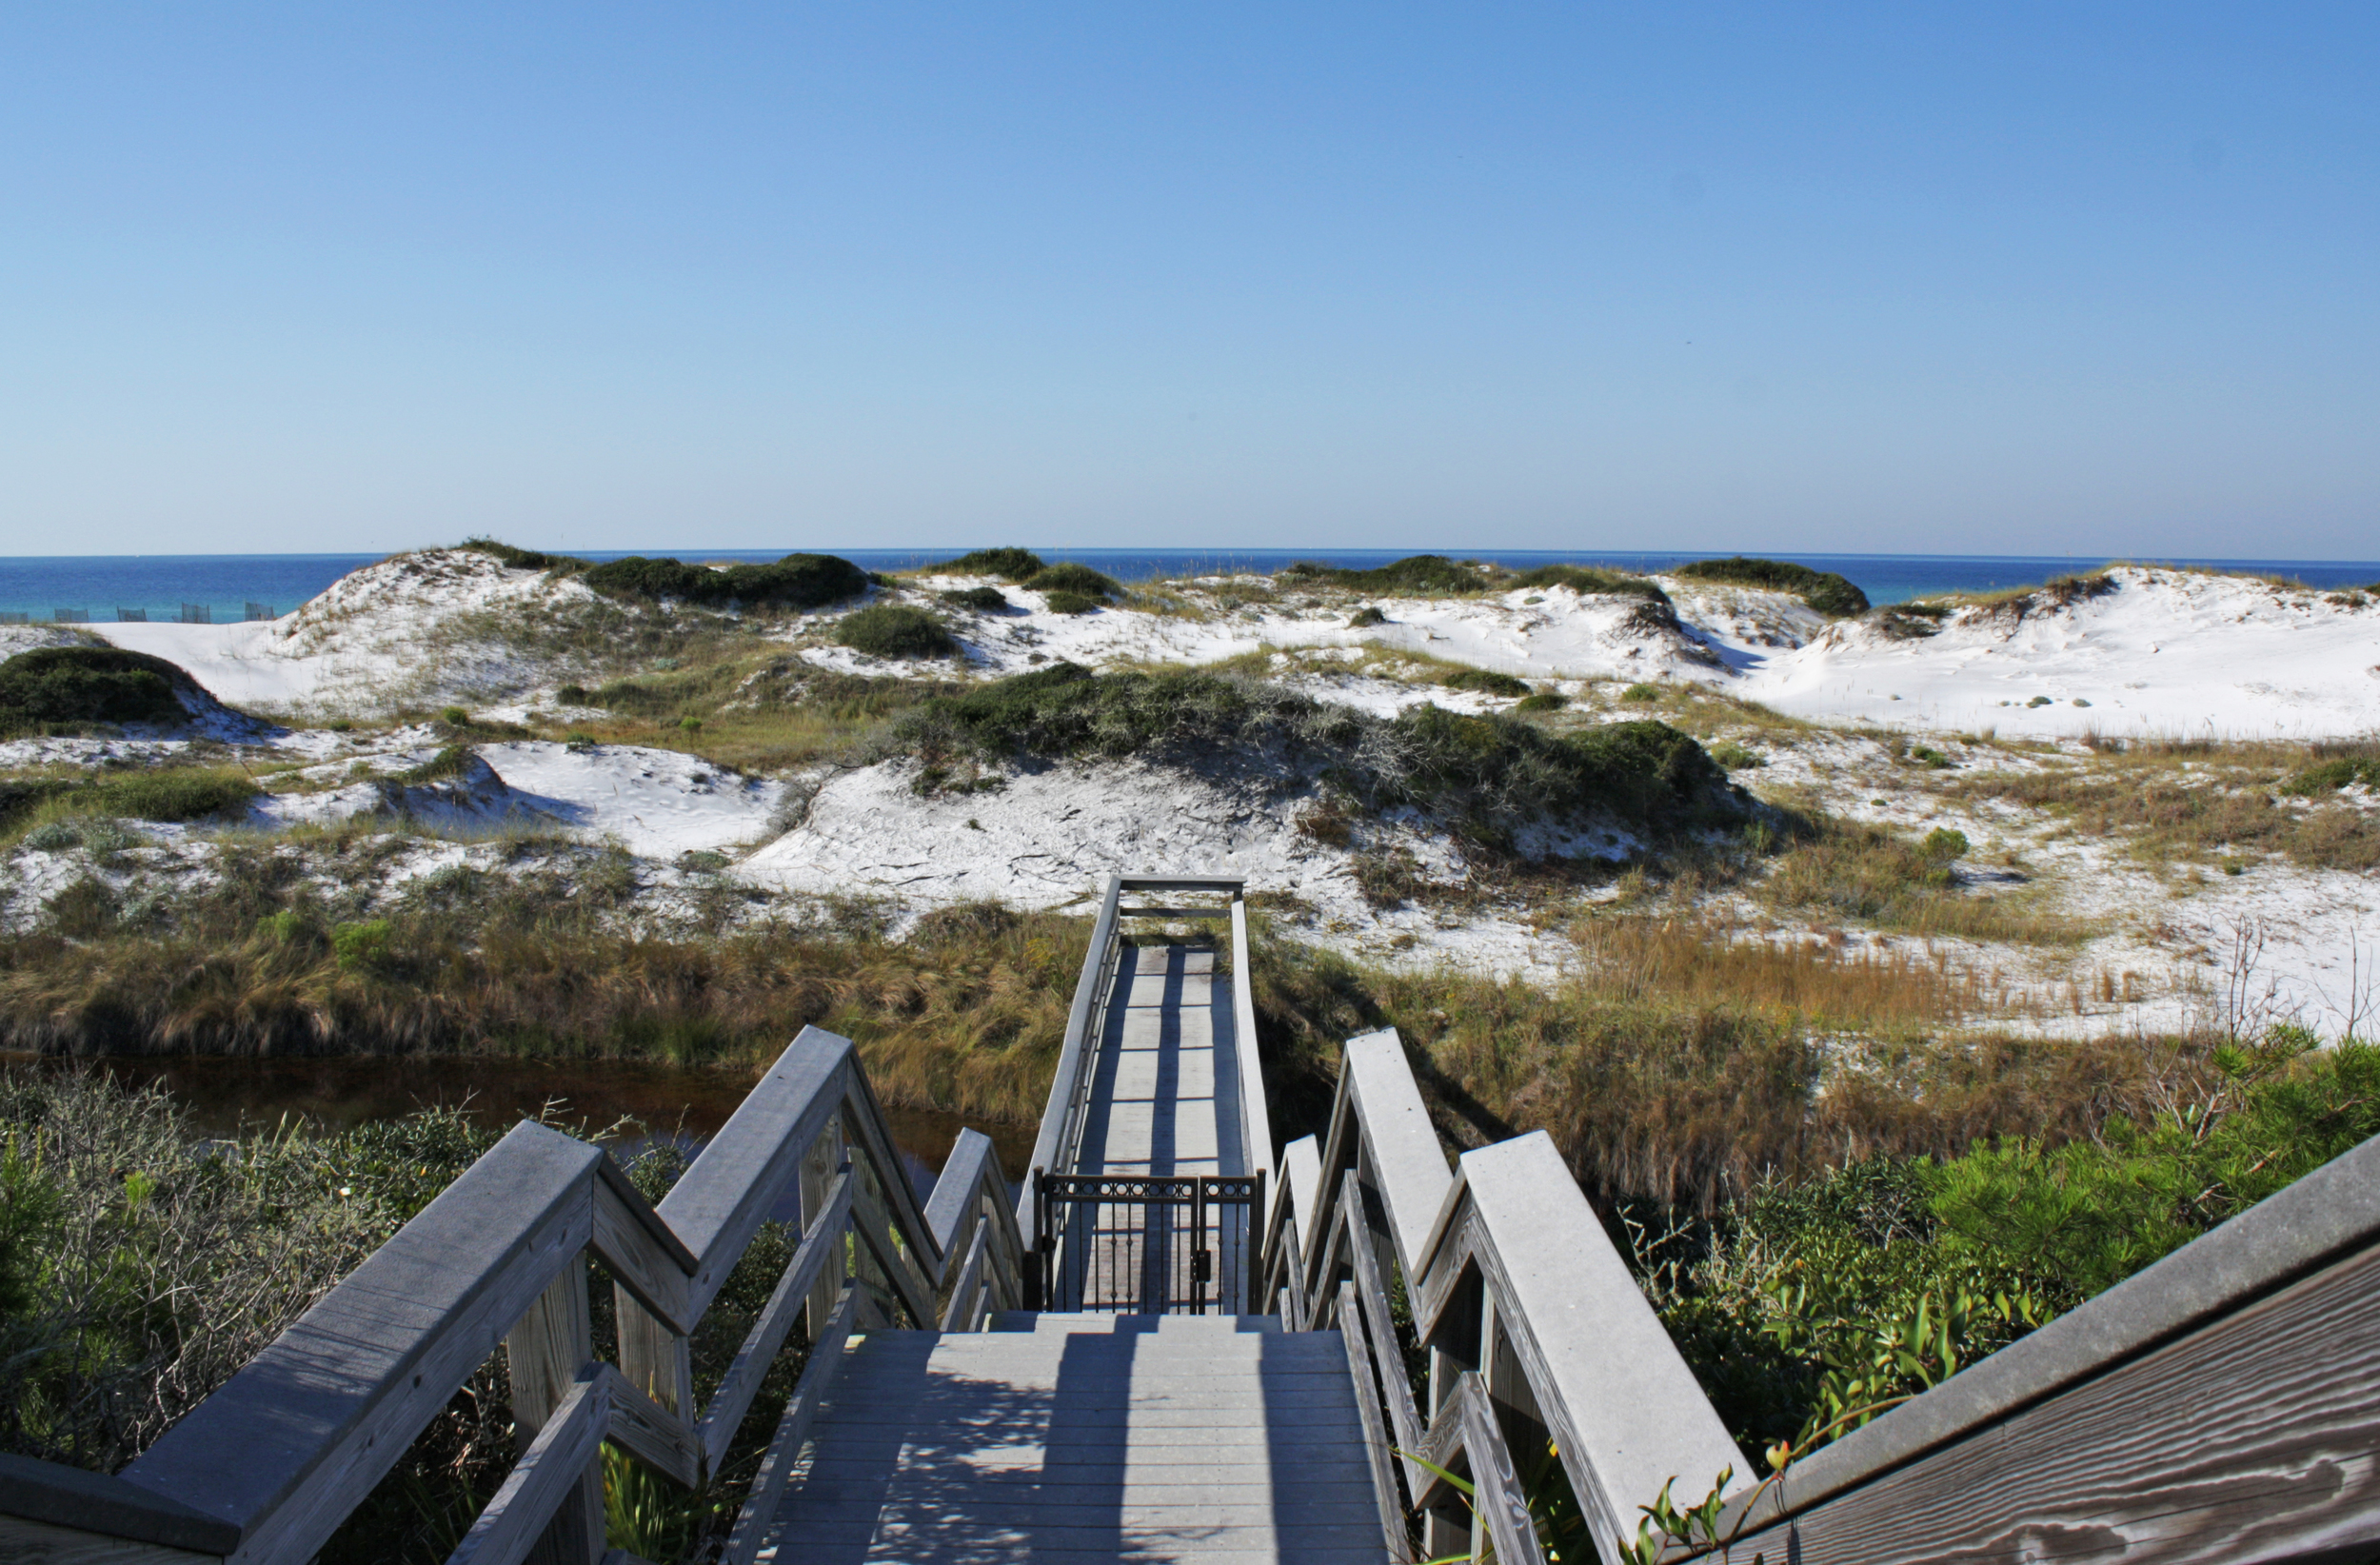 Retreat_Beach_Walk_to_Dunes.jpg